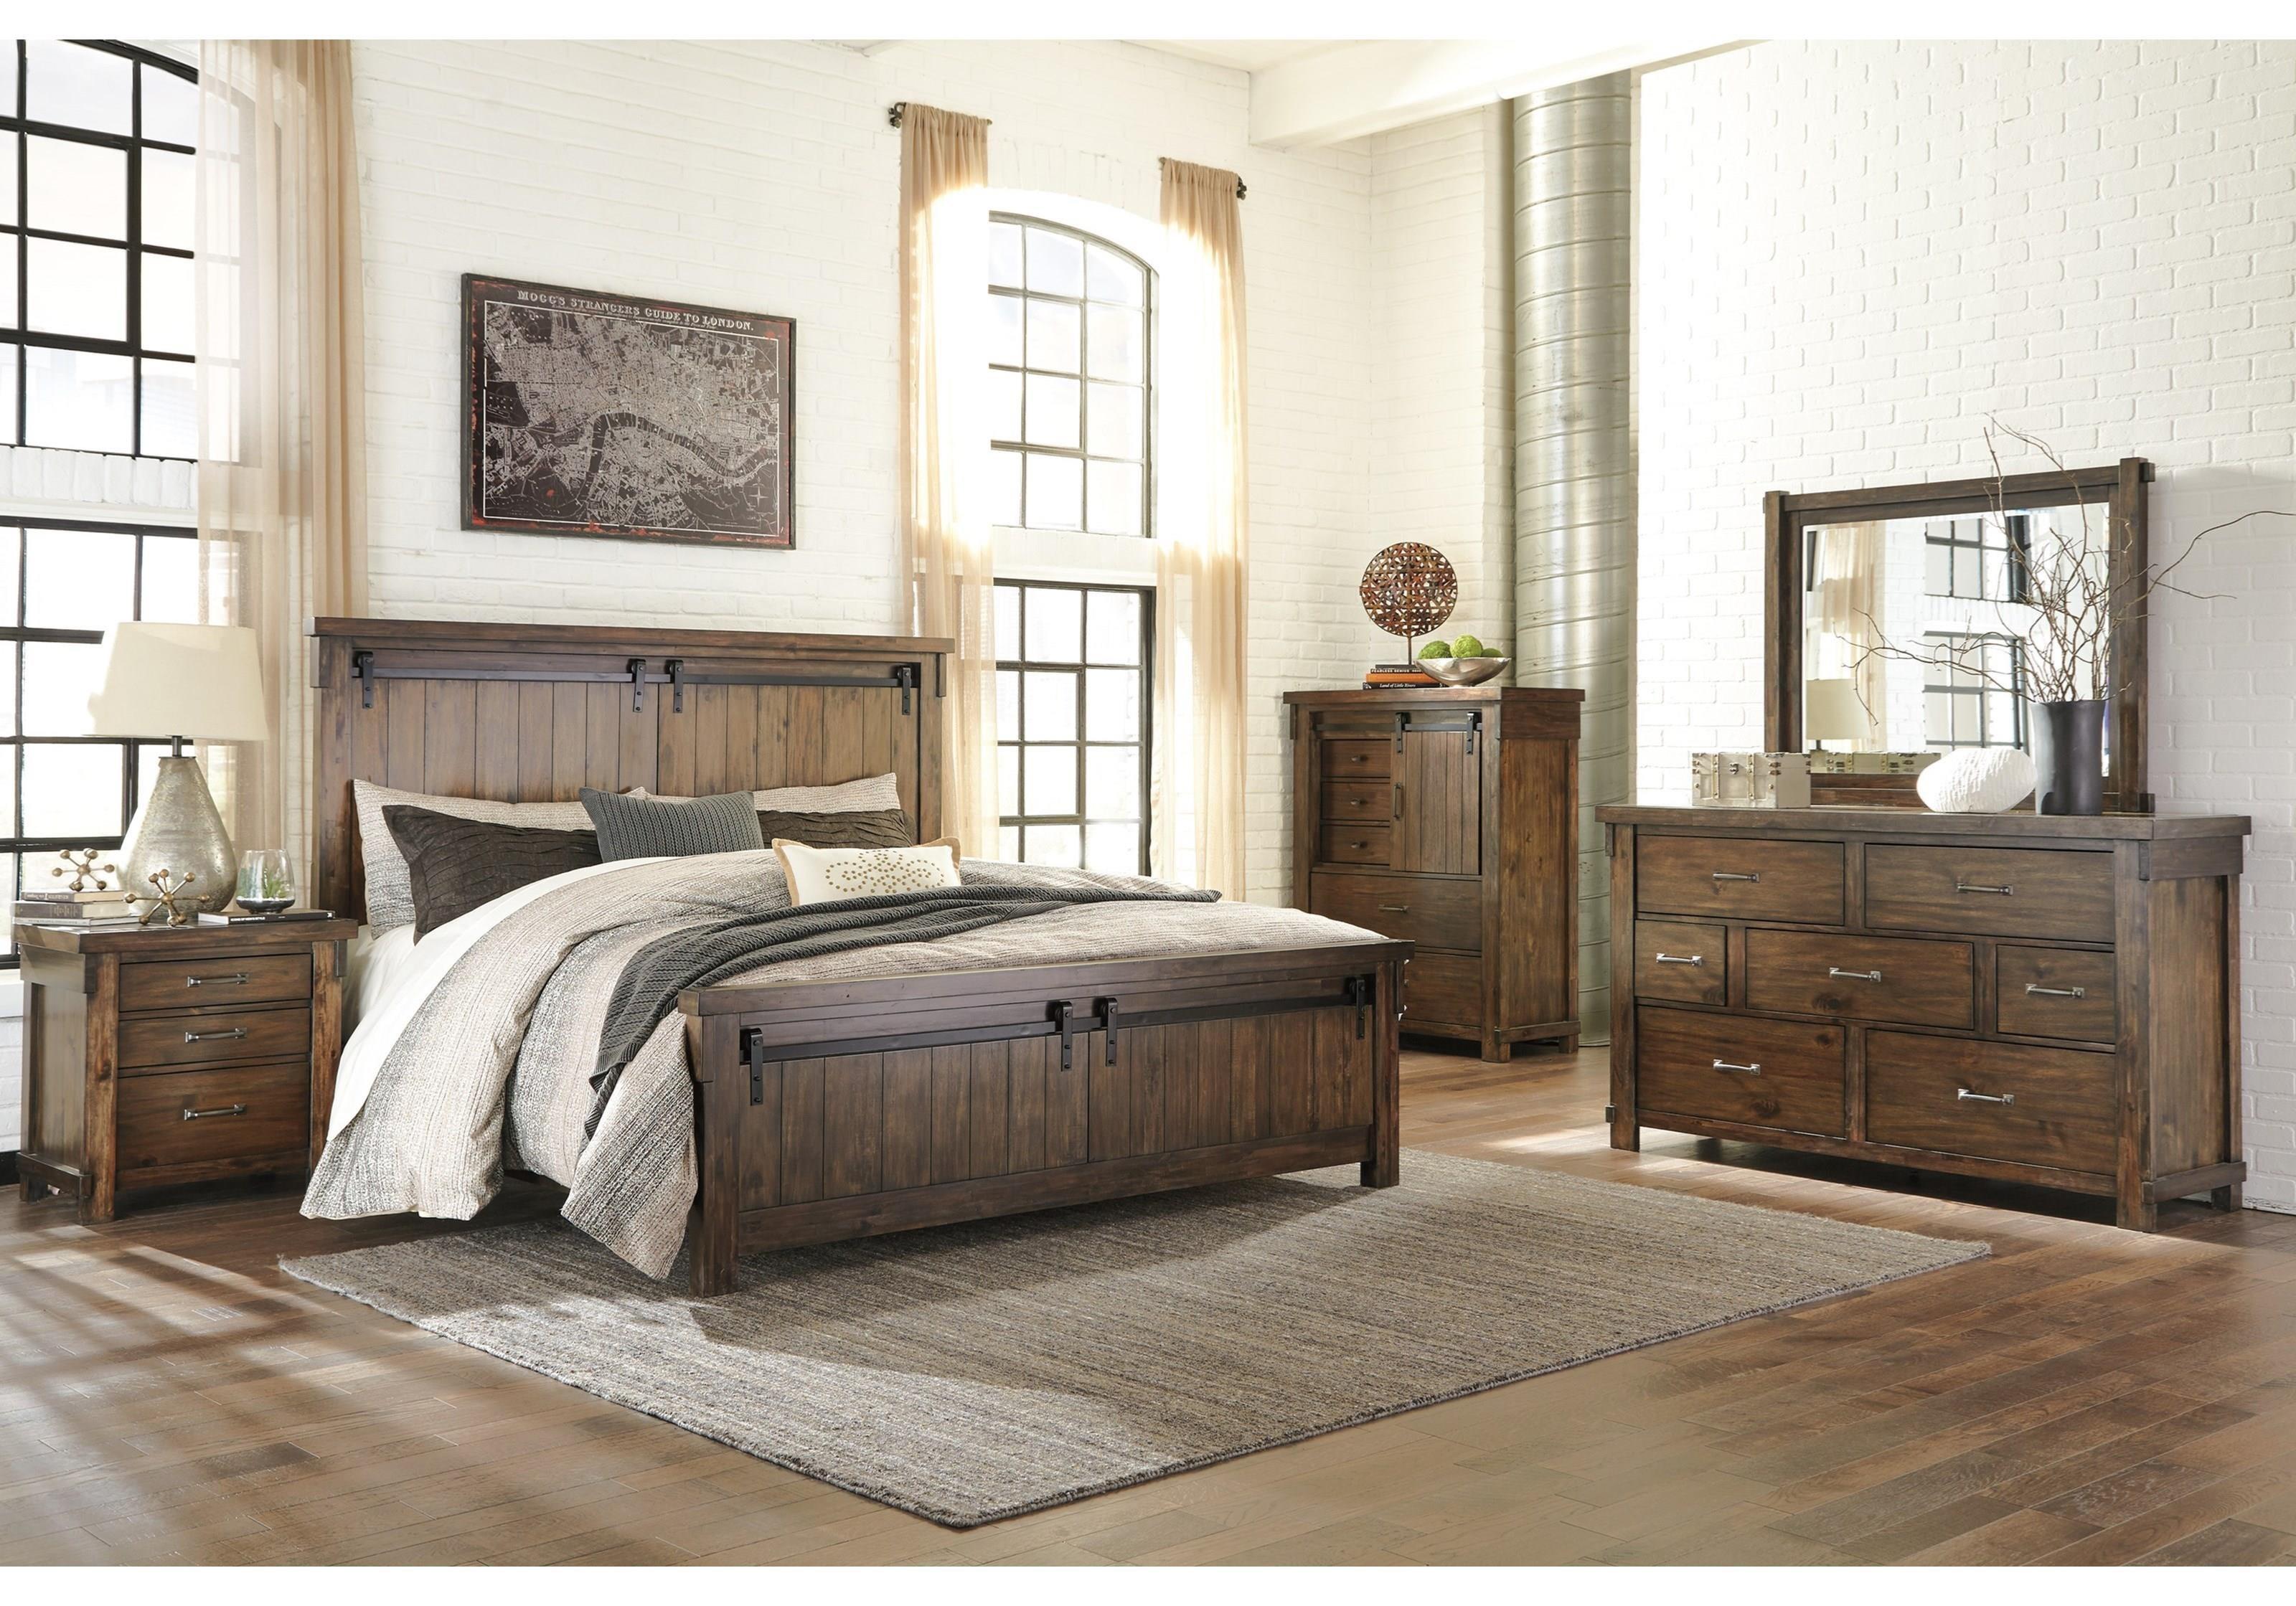 4-Piece King Bedroom Set